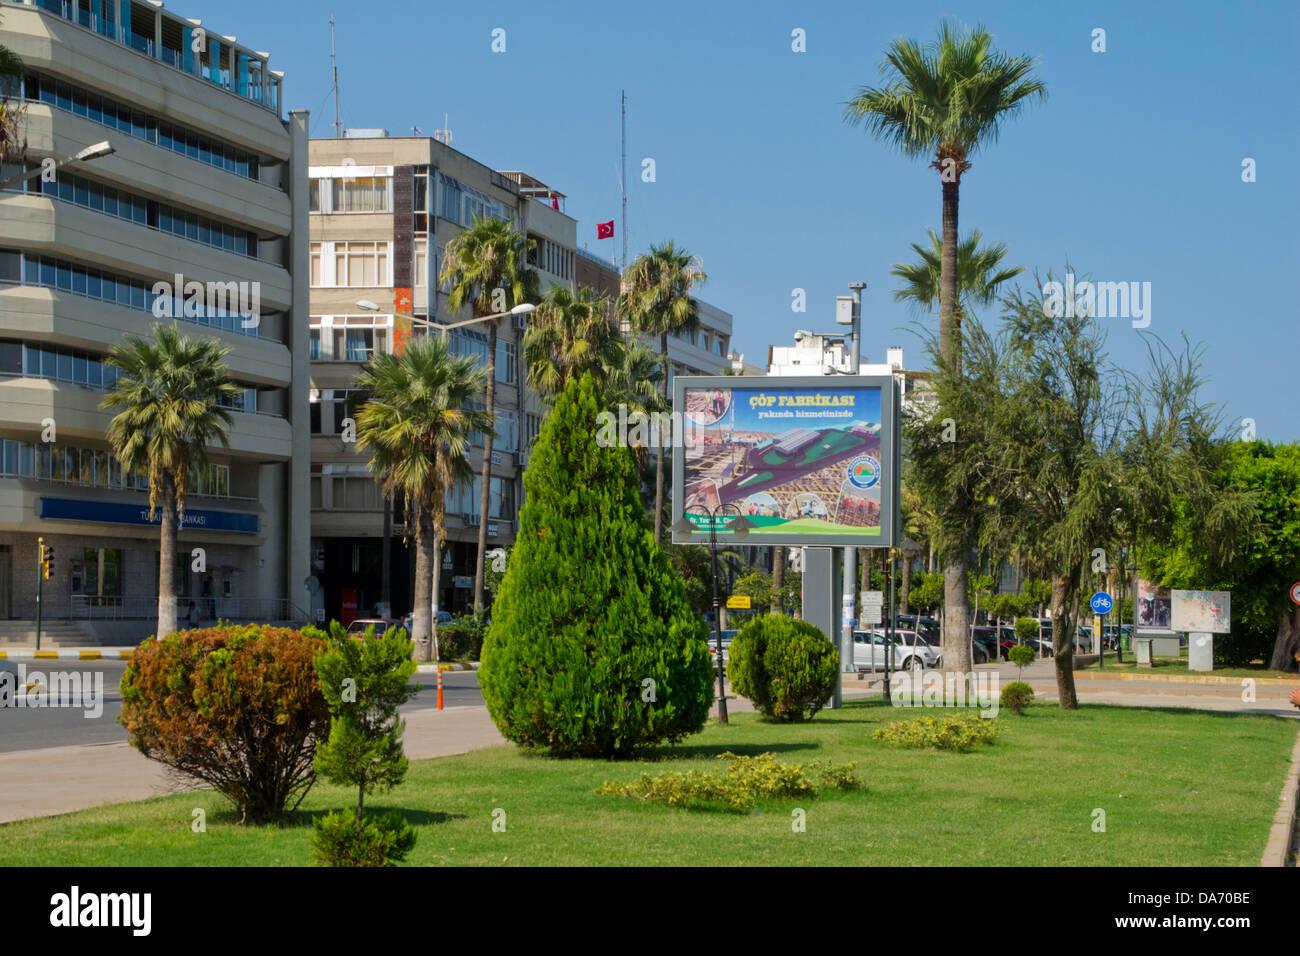 Türkei, Provinz Hatay (Antakya), Iskenderun, Stadtansicht - Stock Image